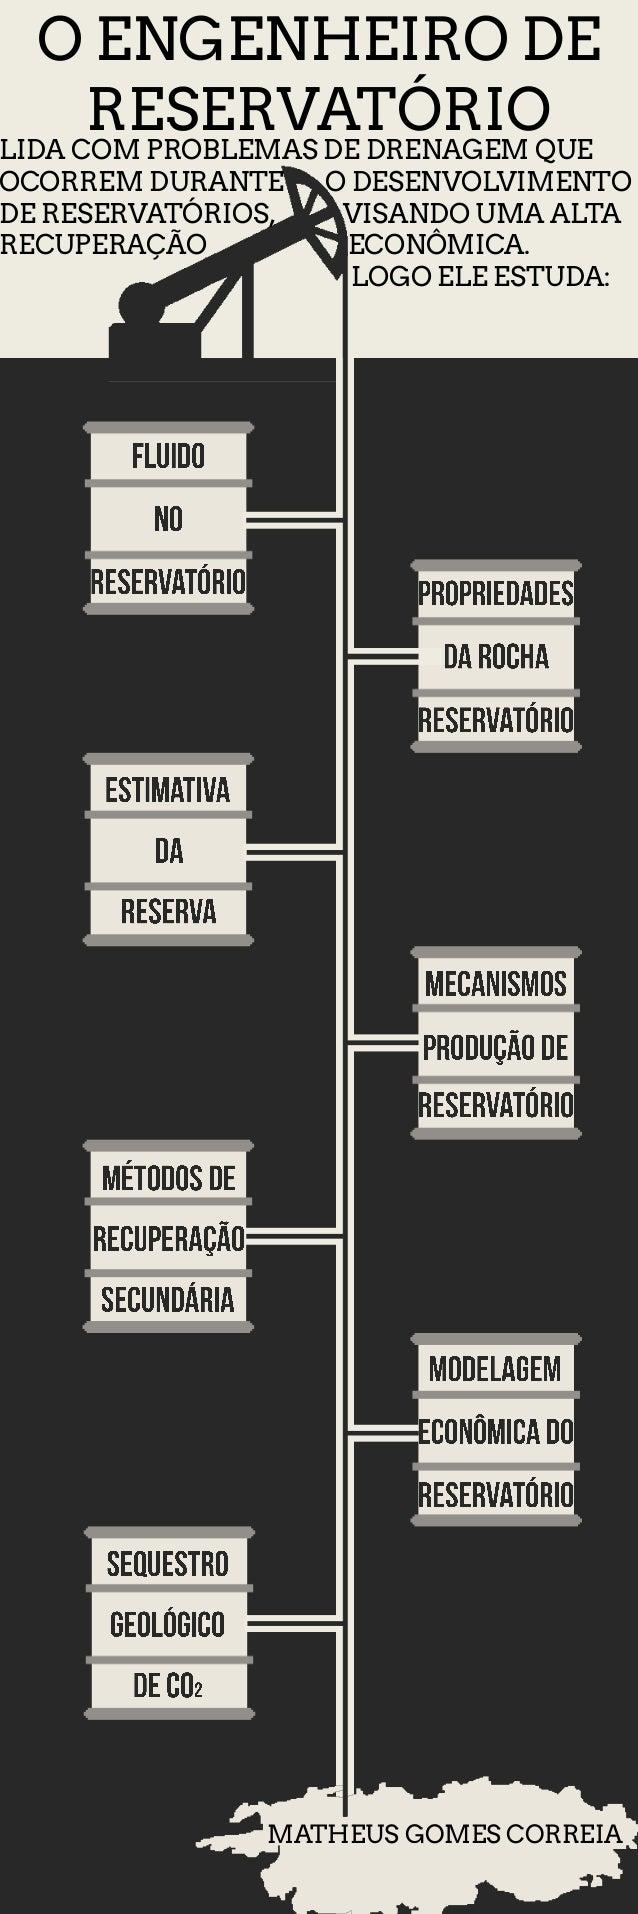 O ENGENHEIRO DE RESERVATÓRIOLIDA COM PROBLEMAS DE DRENAGEM QUE OCORREM DURANTE O DESENVOLVIMENTO DE RESERVATÓRIOS, VISANDO...